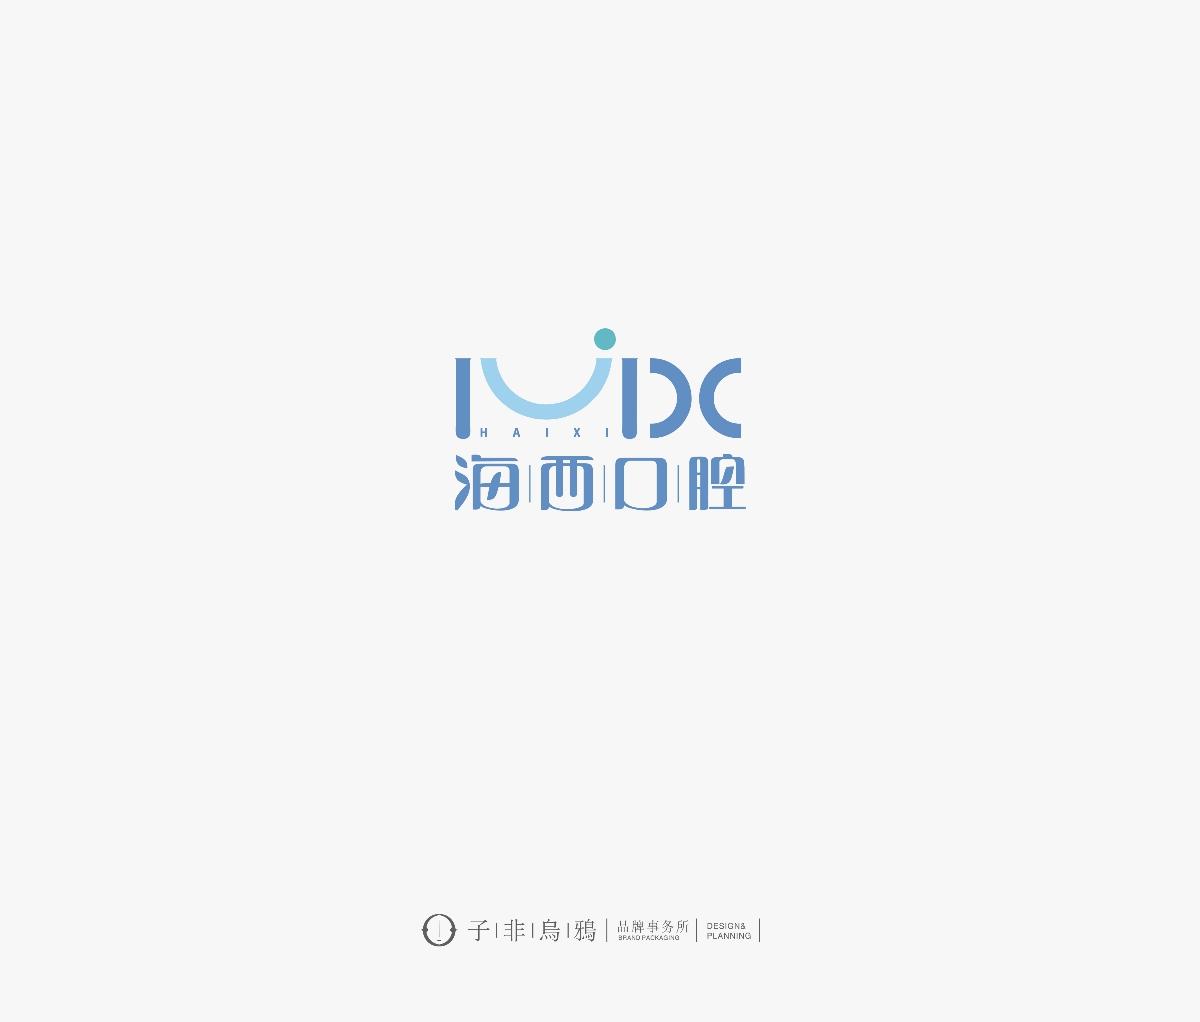 子非烏鴉logo設計合集